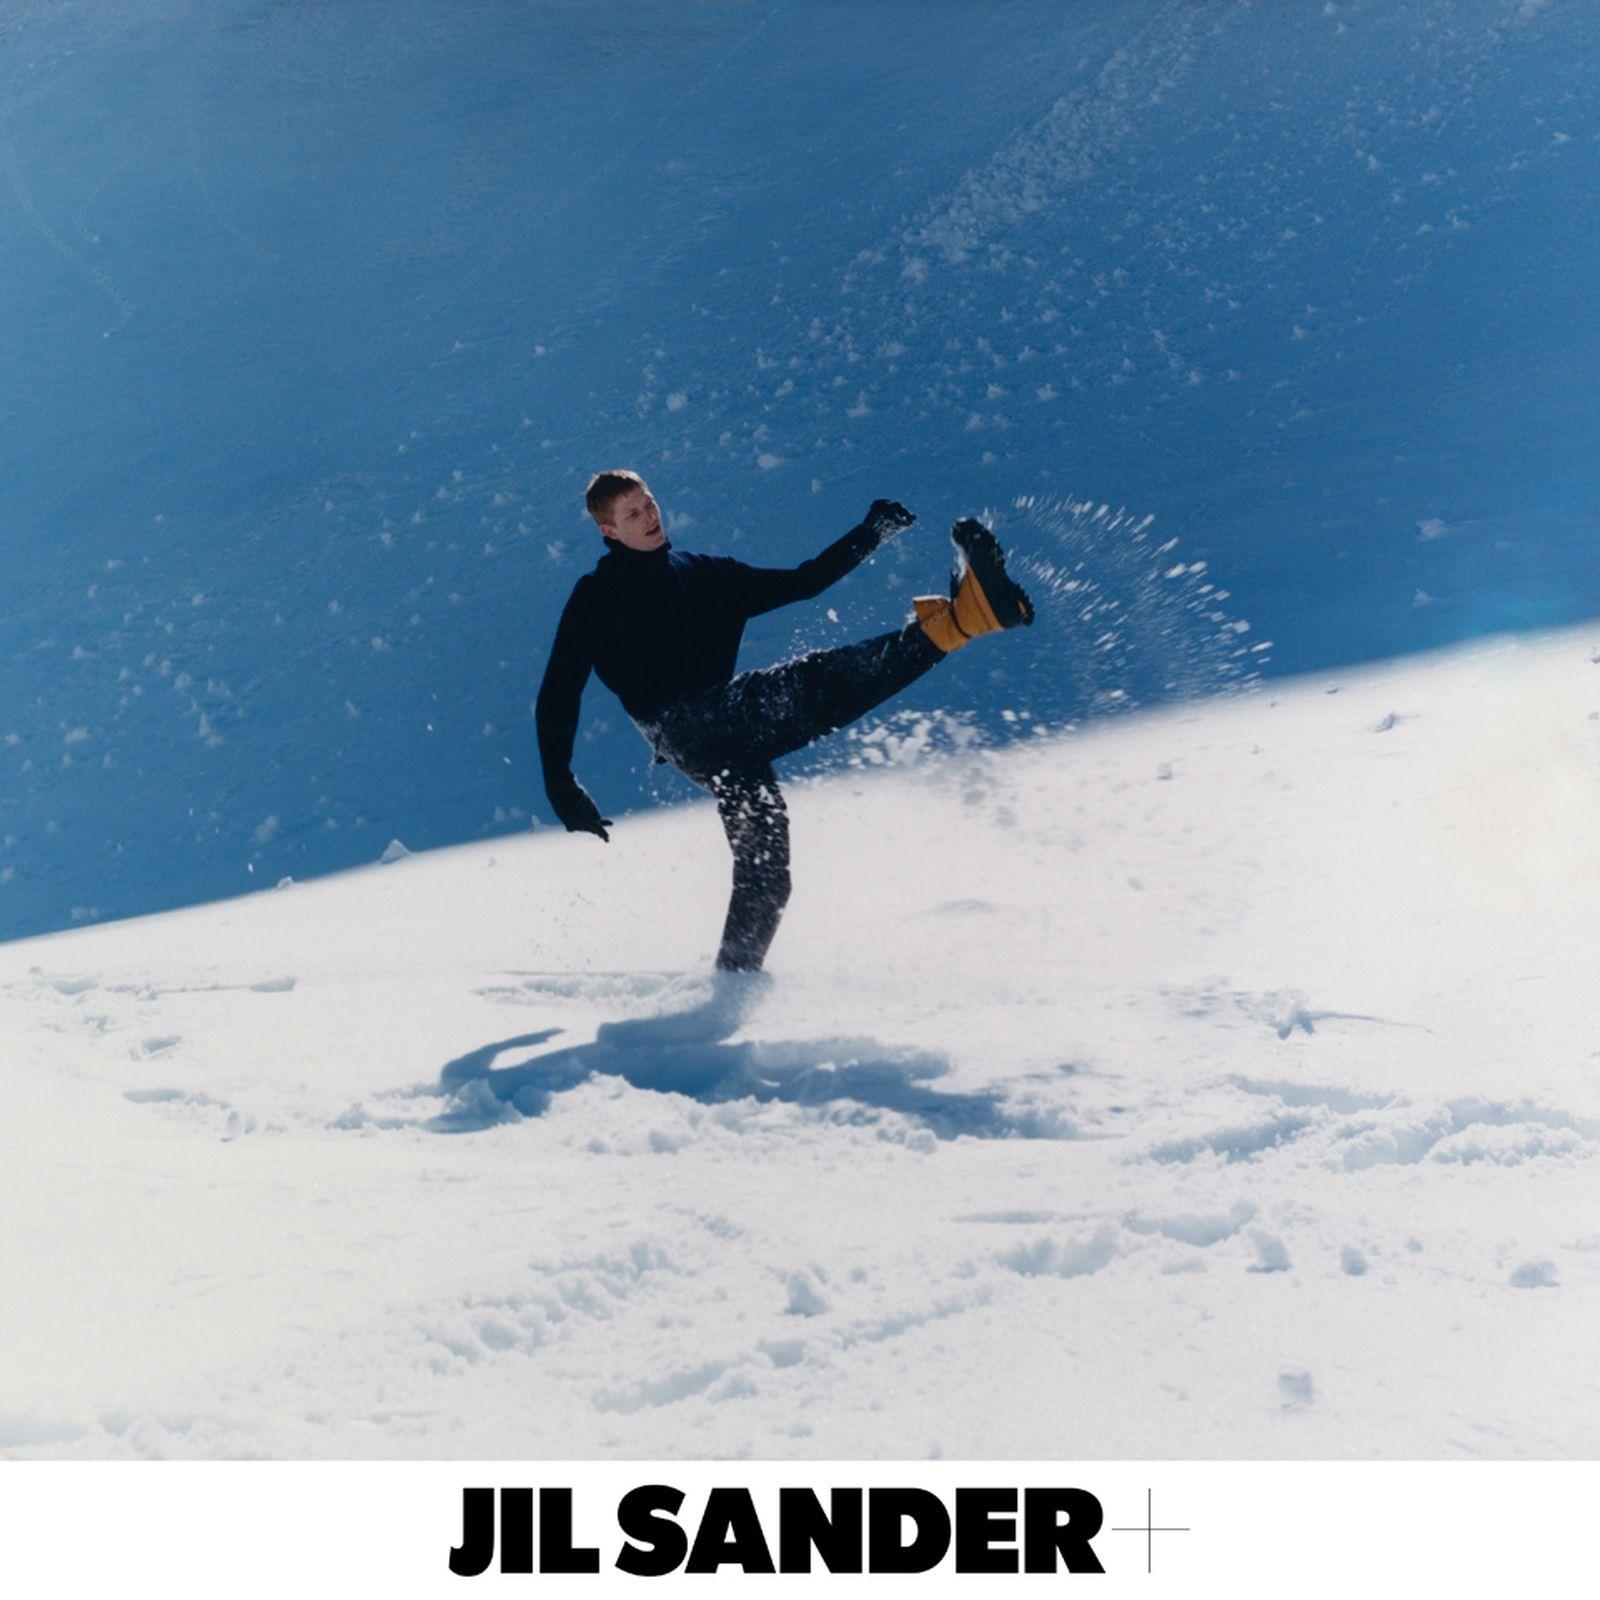 jil sander plus fall winter 2021 campaign (6)